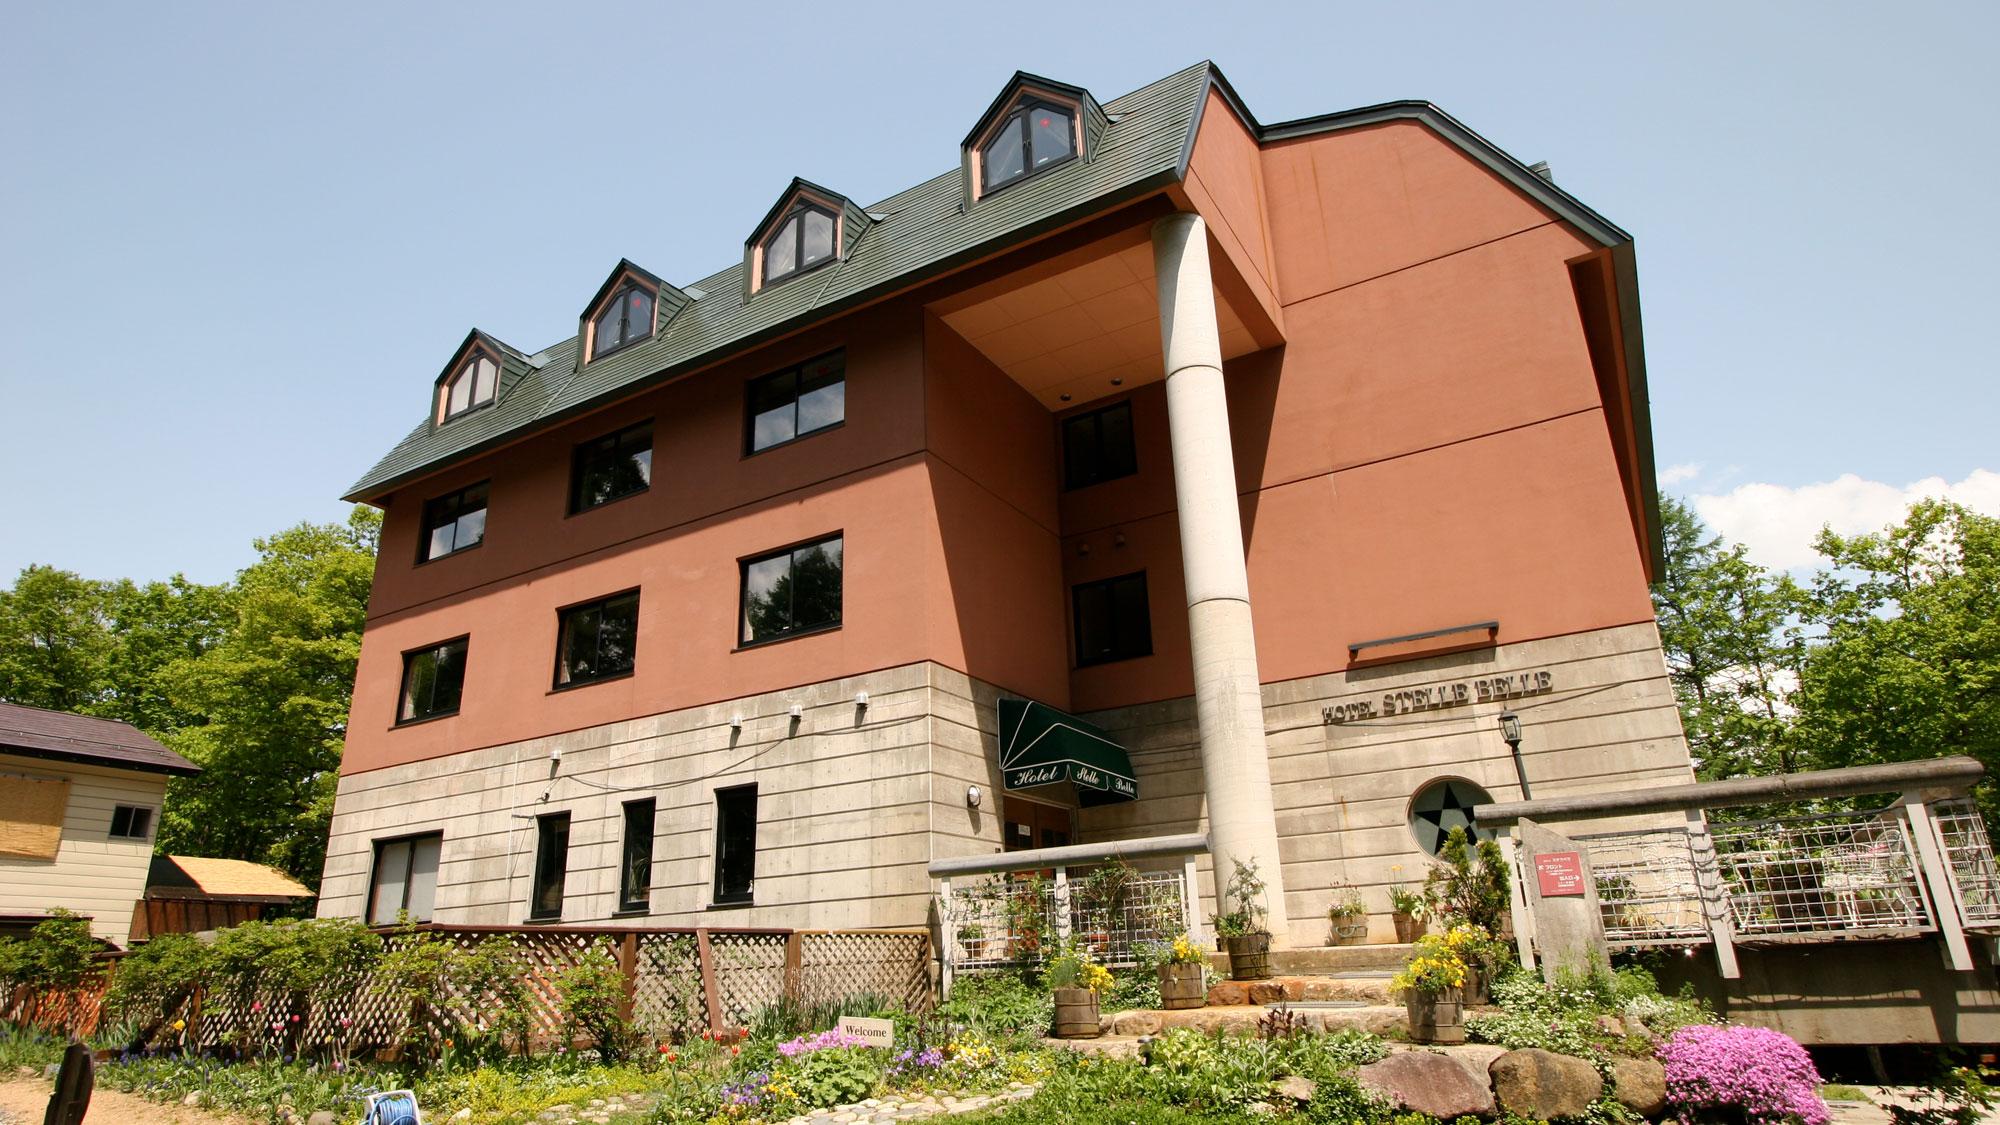 白馬五竜 ホテル ステラベラ